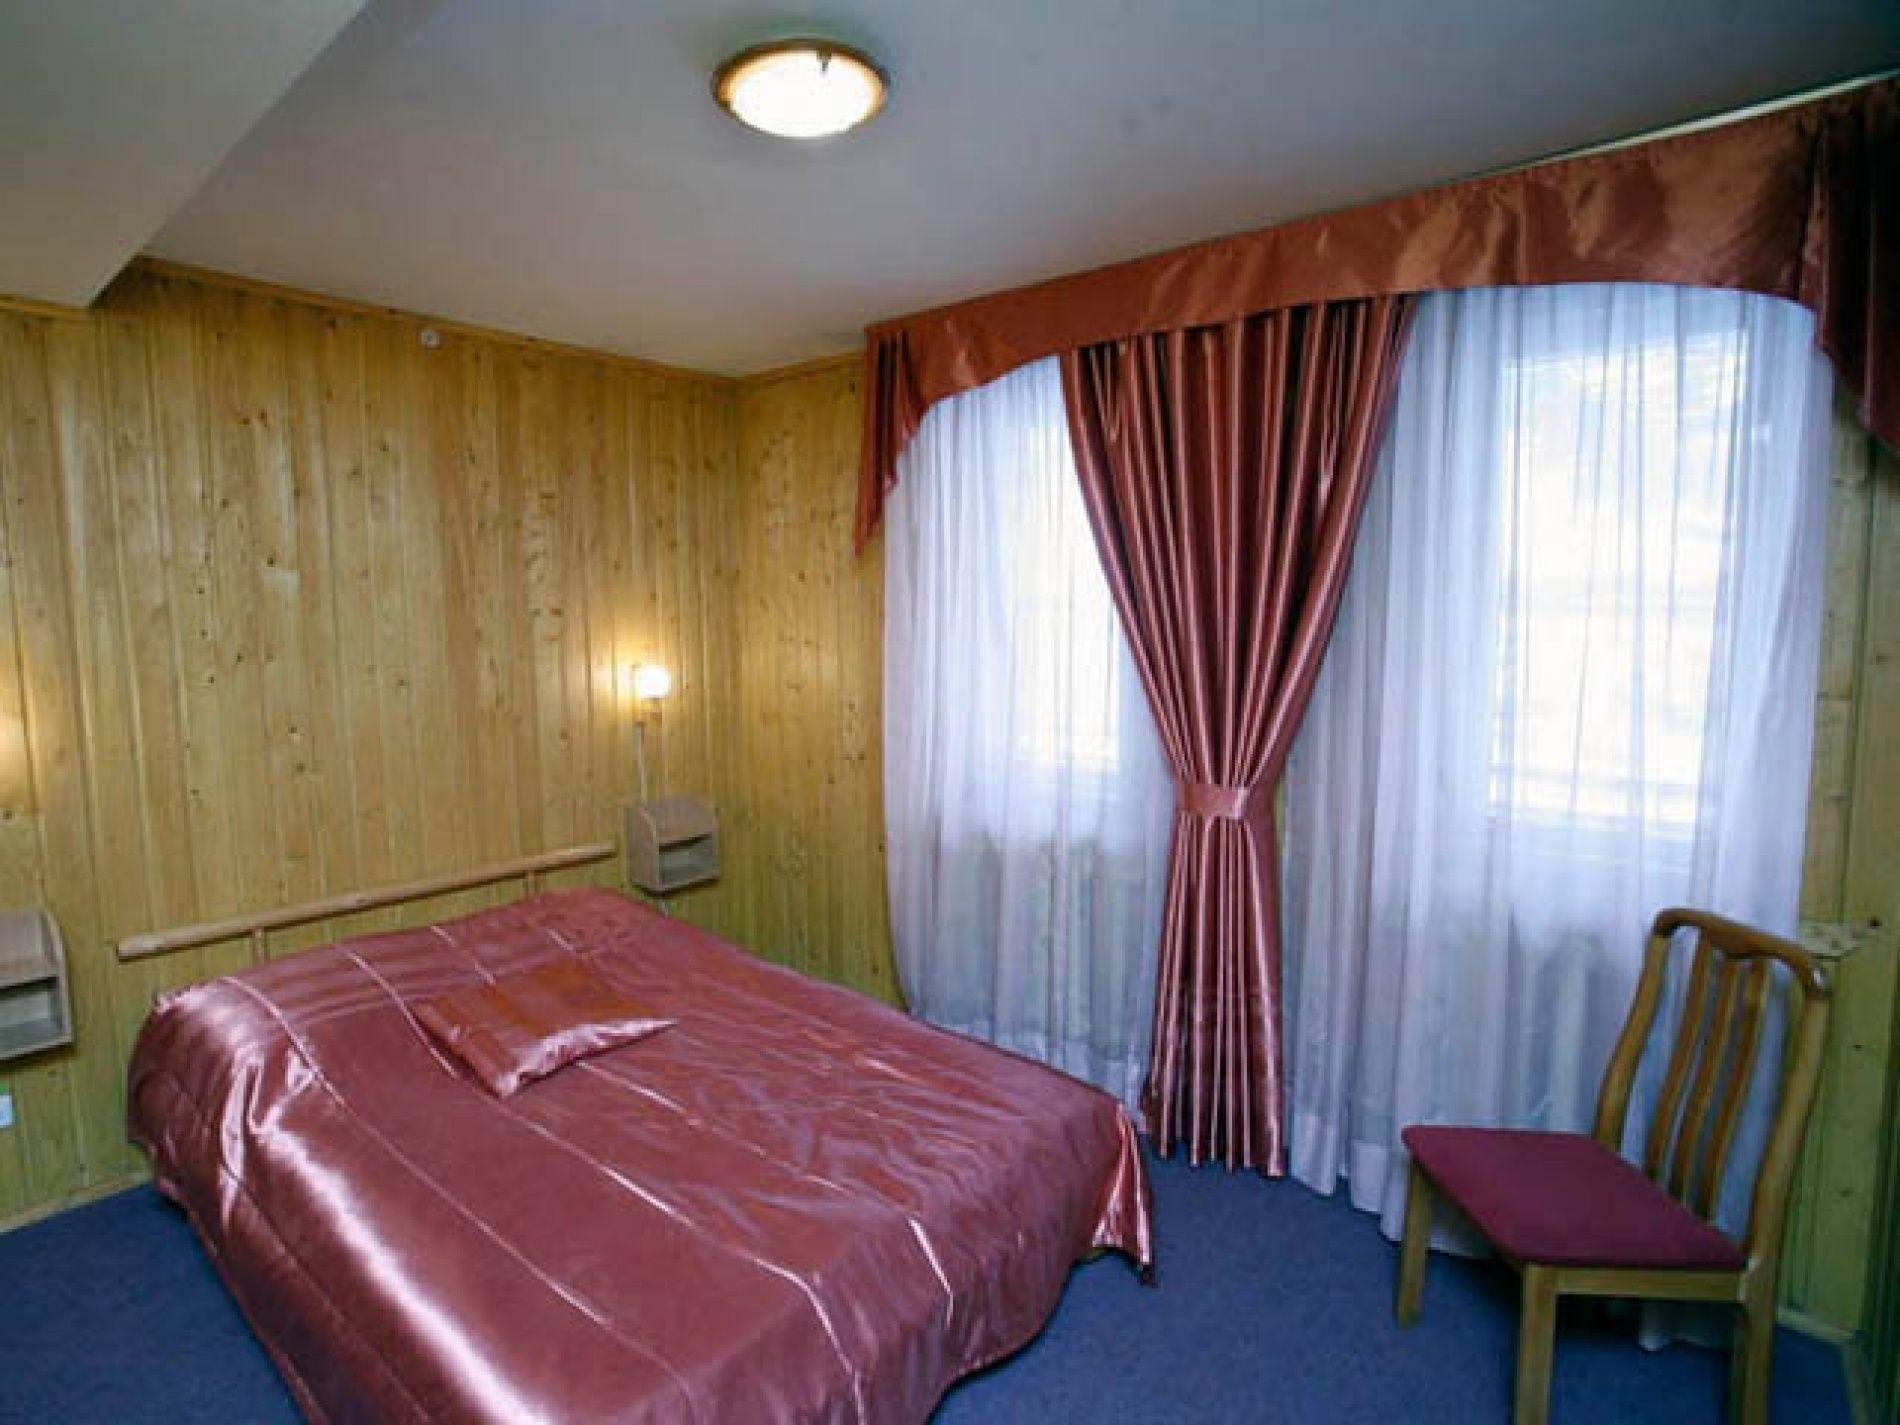 Туристический комплекс «Мирная Пристань» Ивановская область 2-комнатный номер 1 категории (№ 2, 5, 7), фото 2